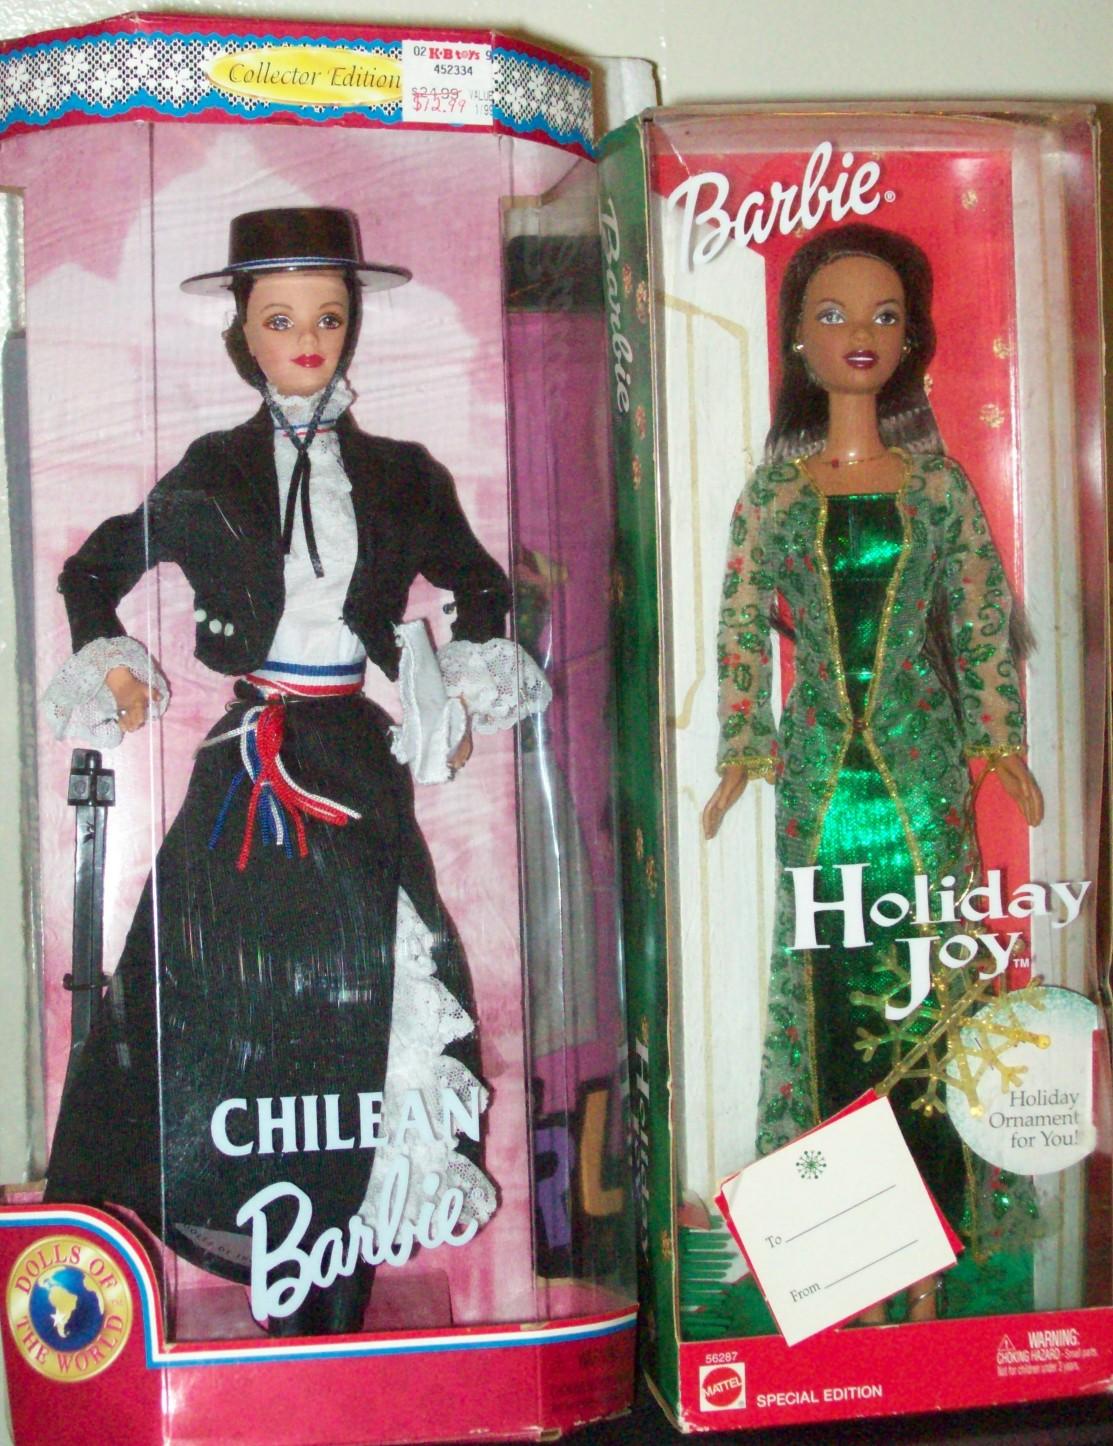 http://1.bp.blogspot.com/_fMNy-l5hBgM/SwSO-gn0mFI/AAAAAAAABaA/Xm6aqtu--Y0/s1600/Chilean_Holiday_Barbs.jpg